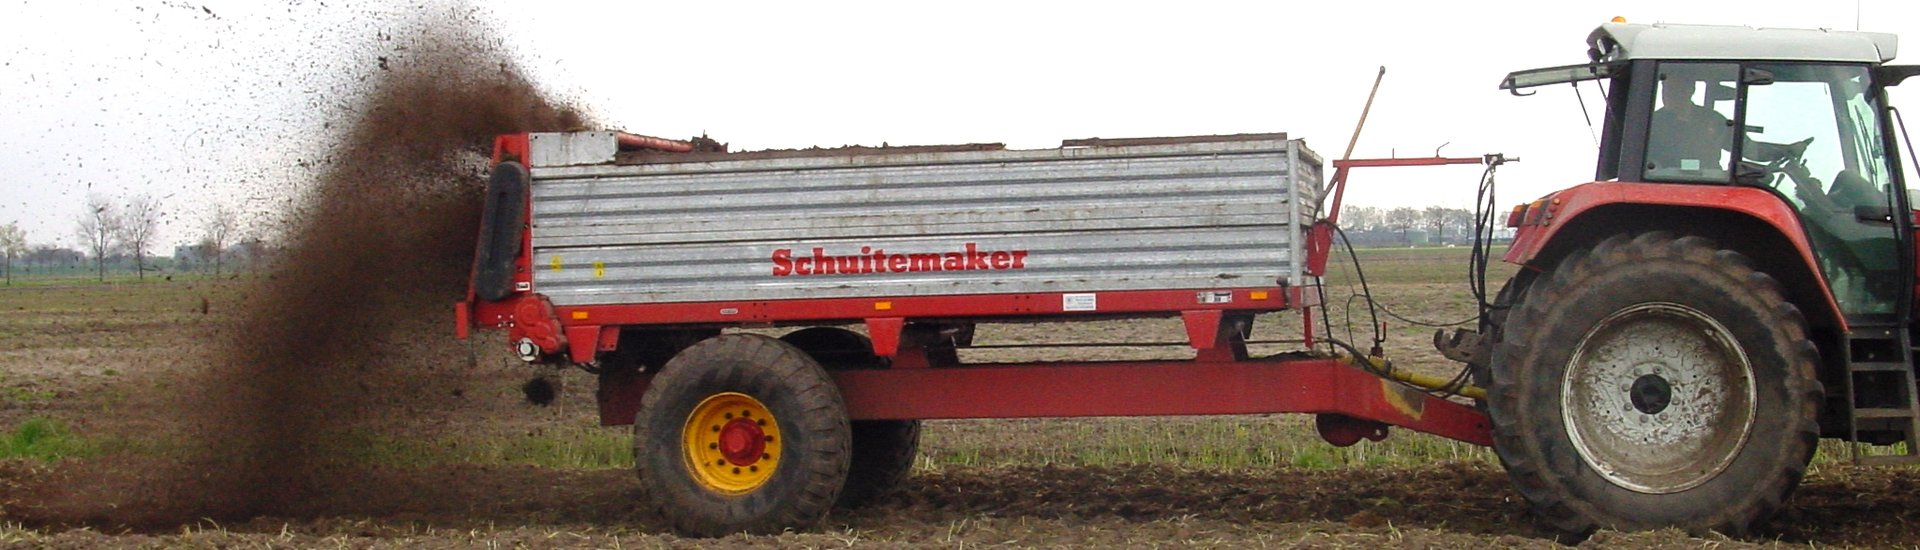 Schuitemaker stalmeststrooier